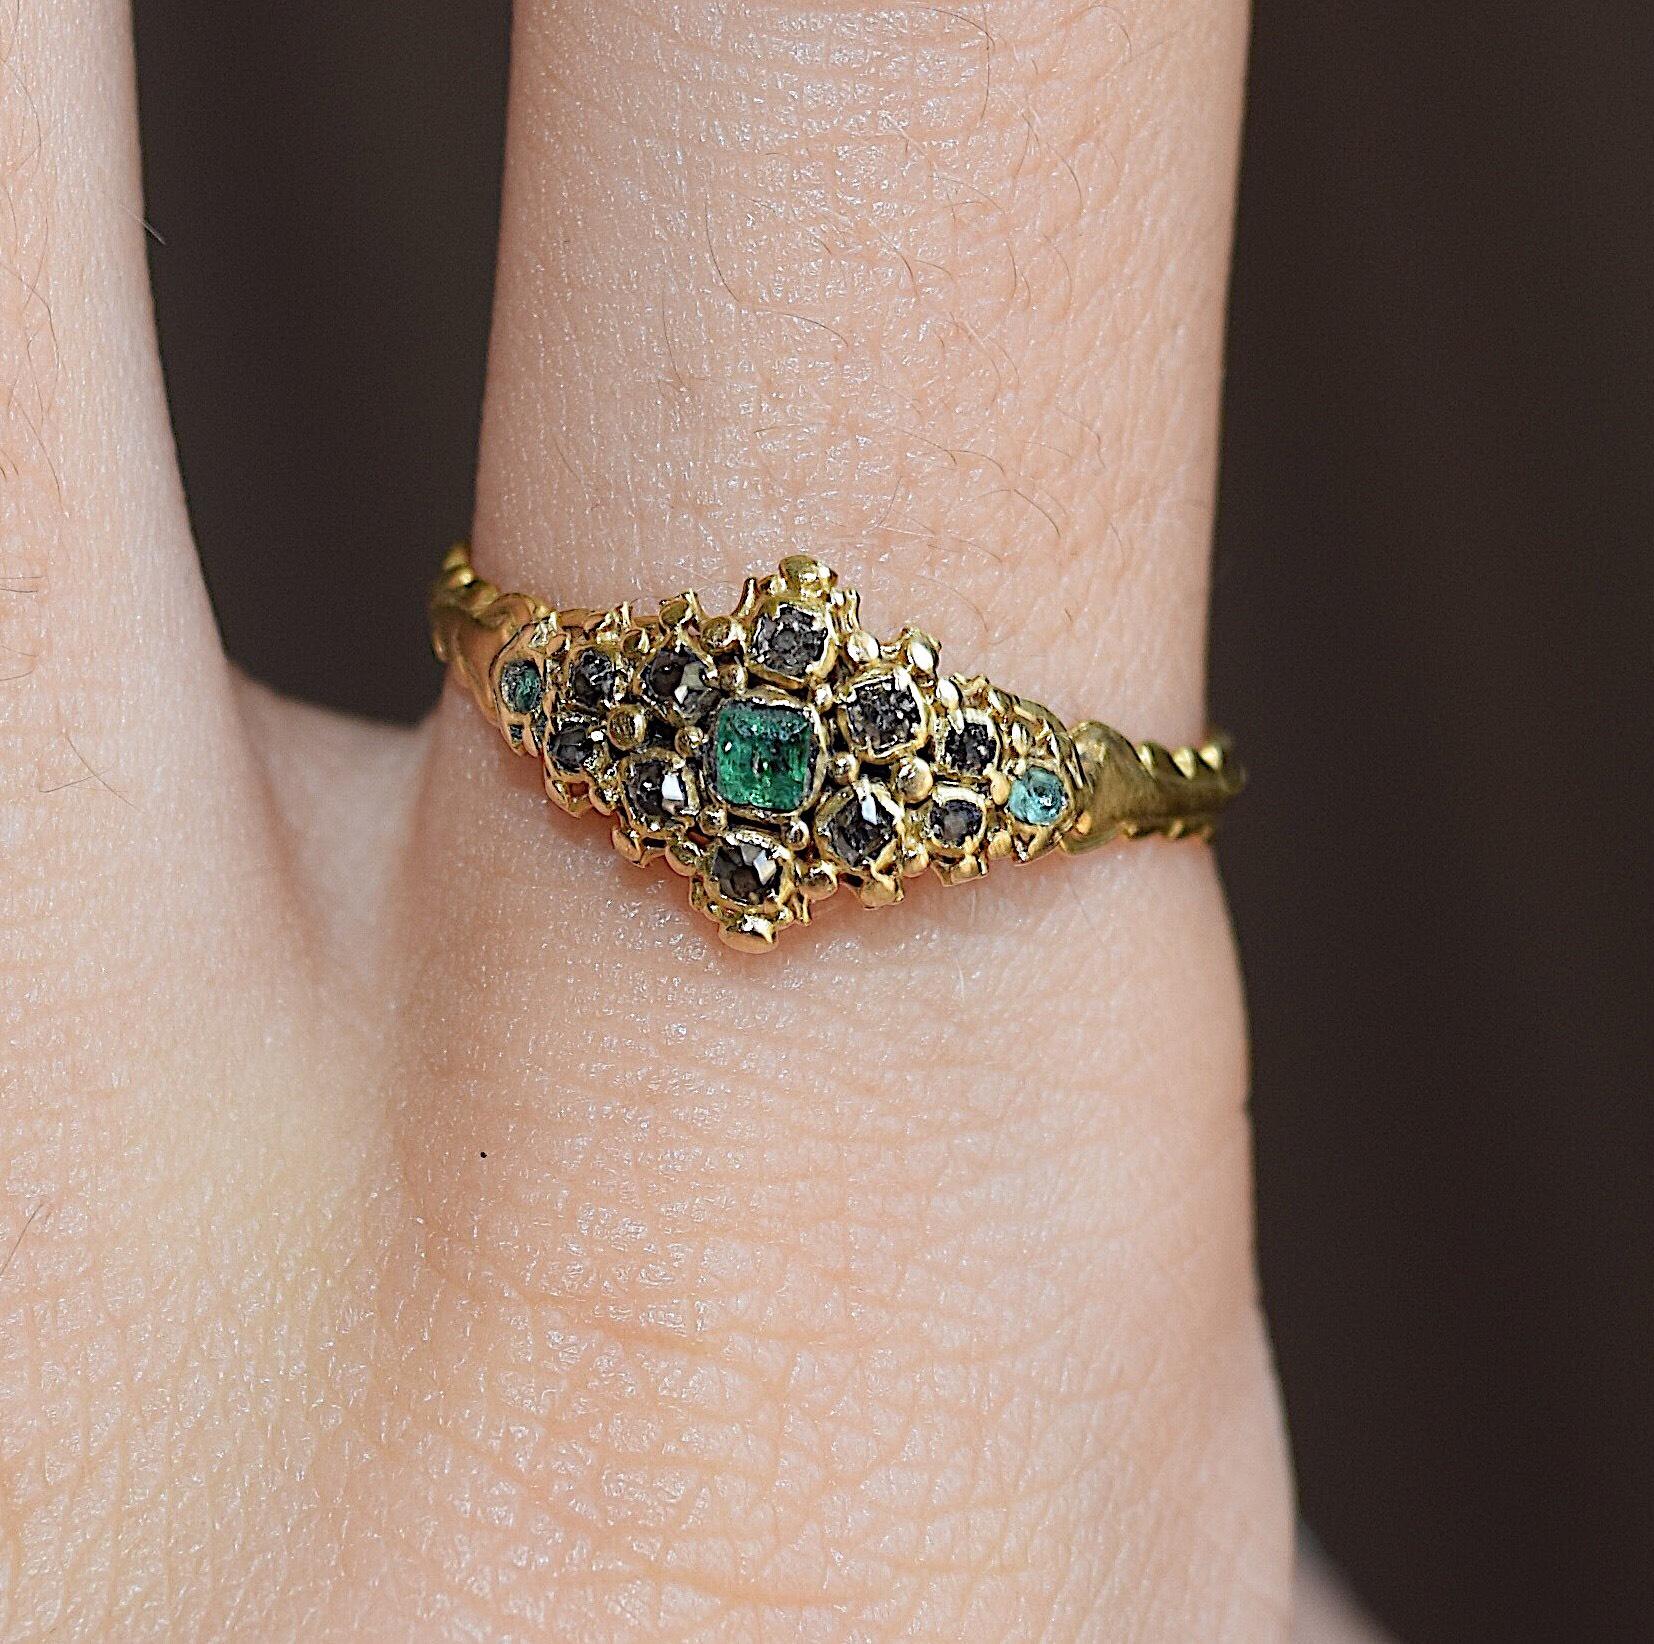 טבעת קלסטר ויקטוריאנית, זהב עם אבני אמרלד, ויהלומים .